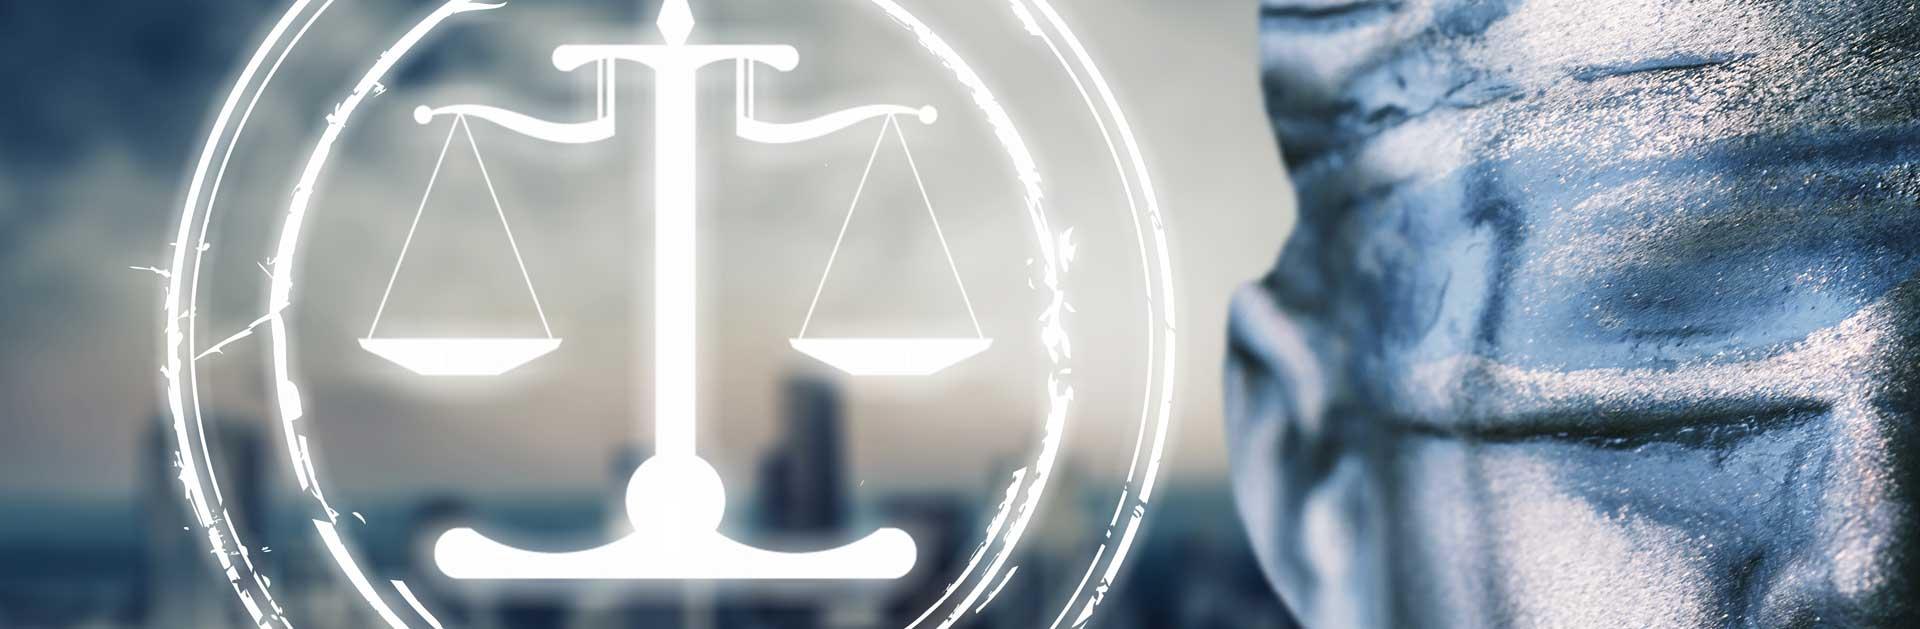 hinweise rechtliches